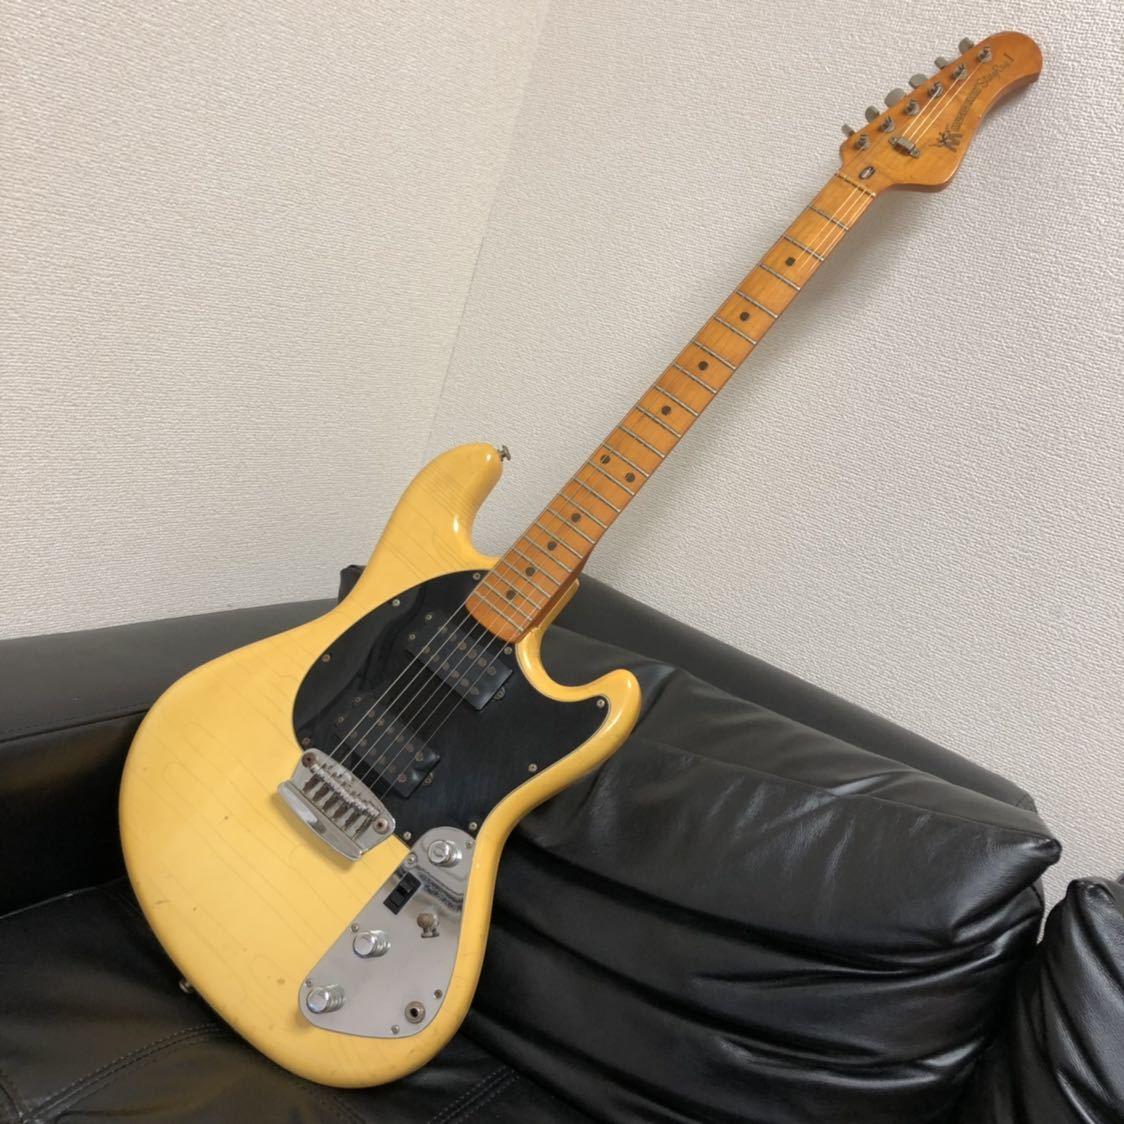 希少 年代物 MUSIC MAN Sting Ray I エレキギター